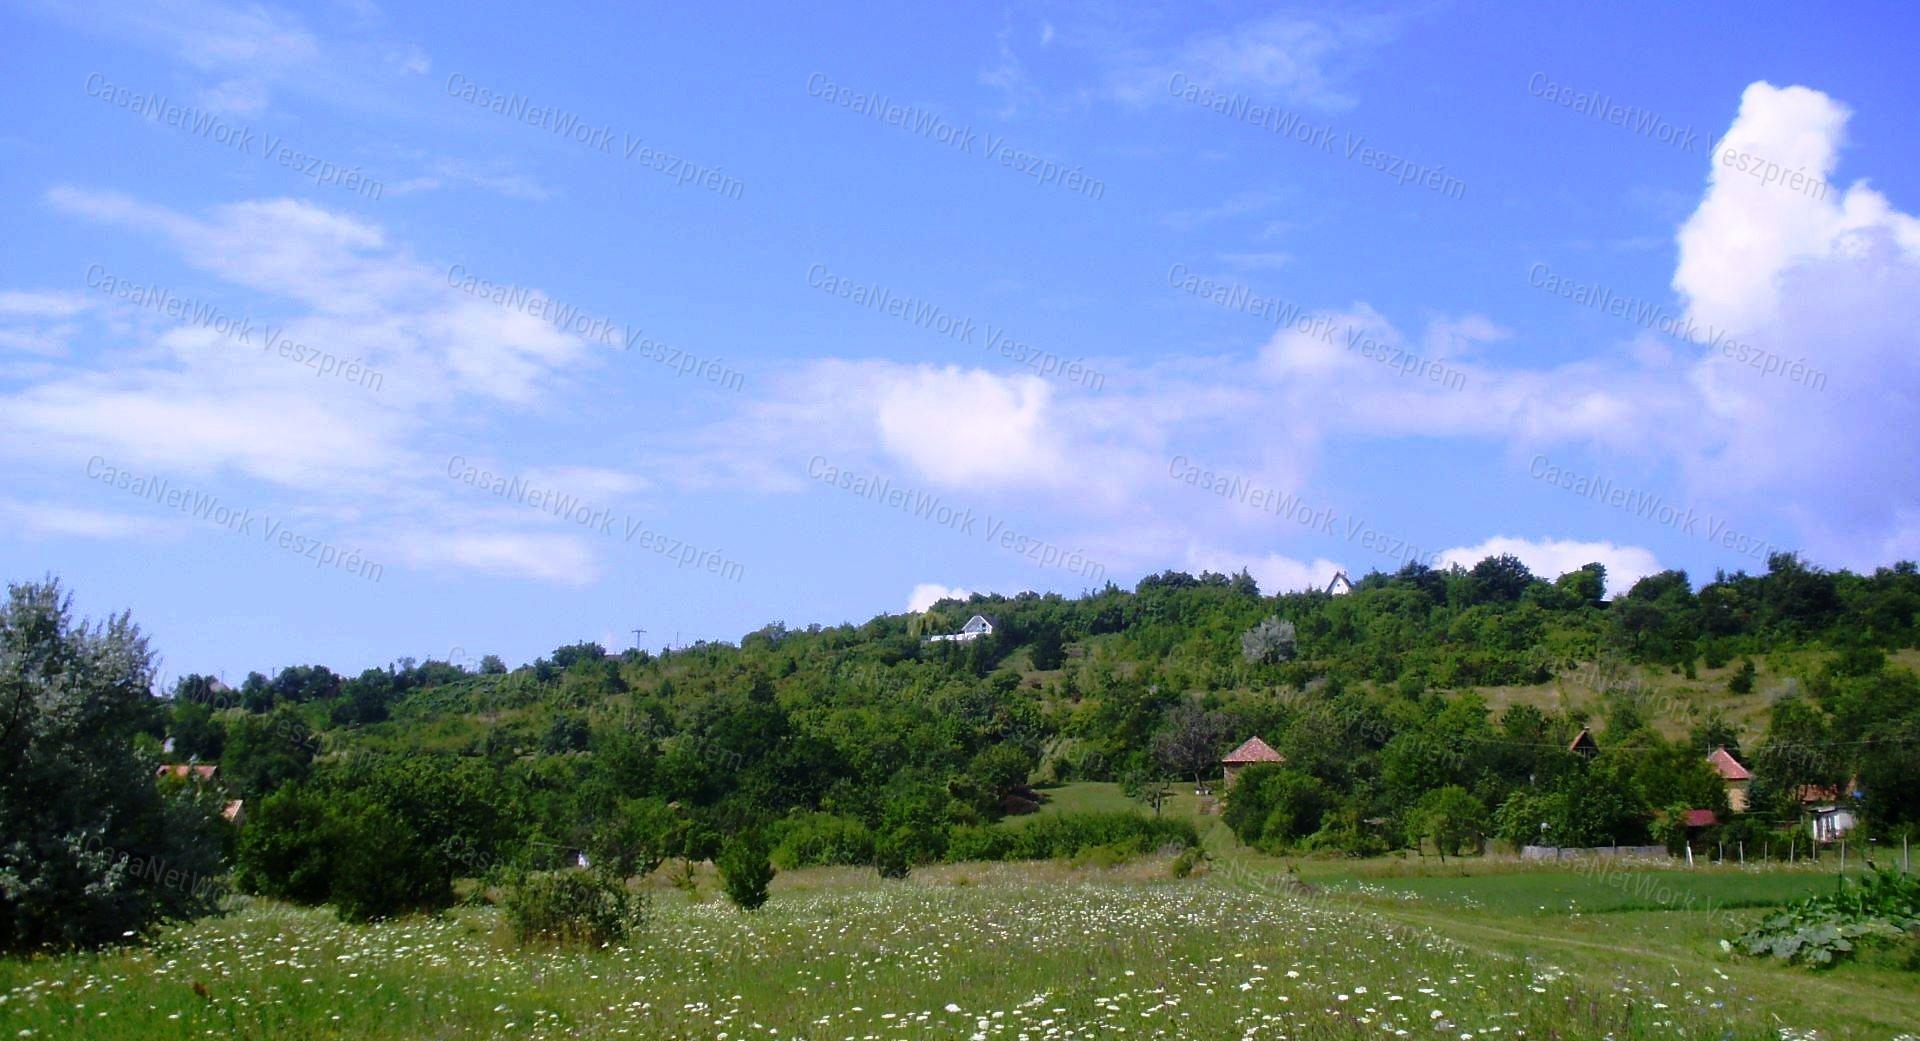 Eladó zártkert, Veszprém megye, Szentkirályszabadja (Vödörvölgy) - sz.: 156201156 - CasaNetWork.hu